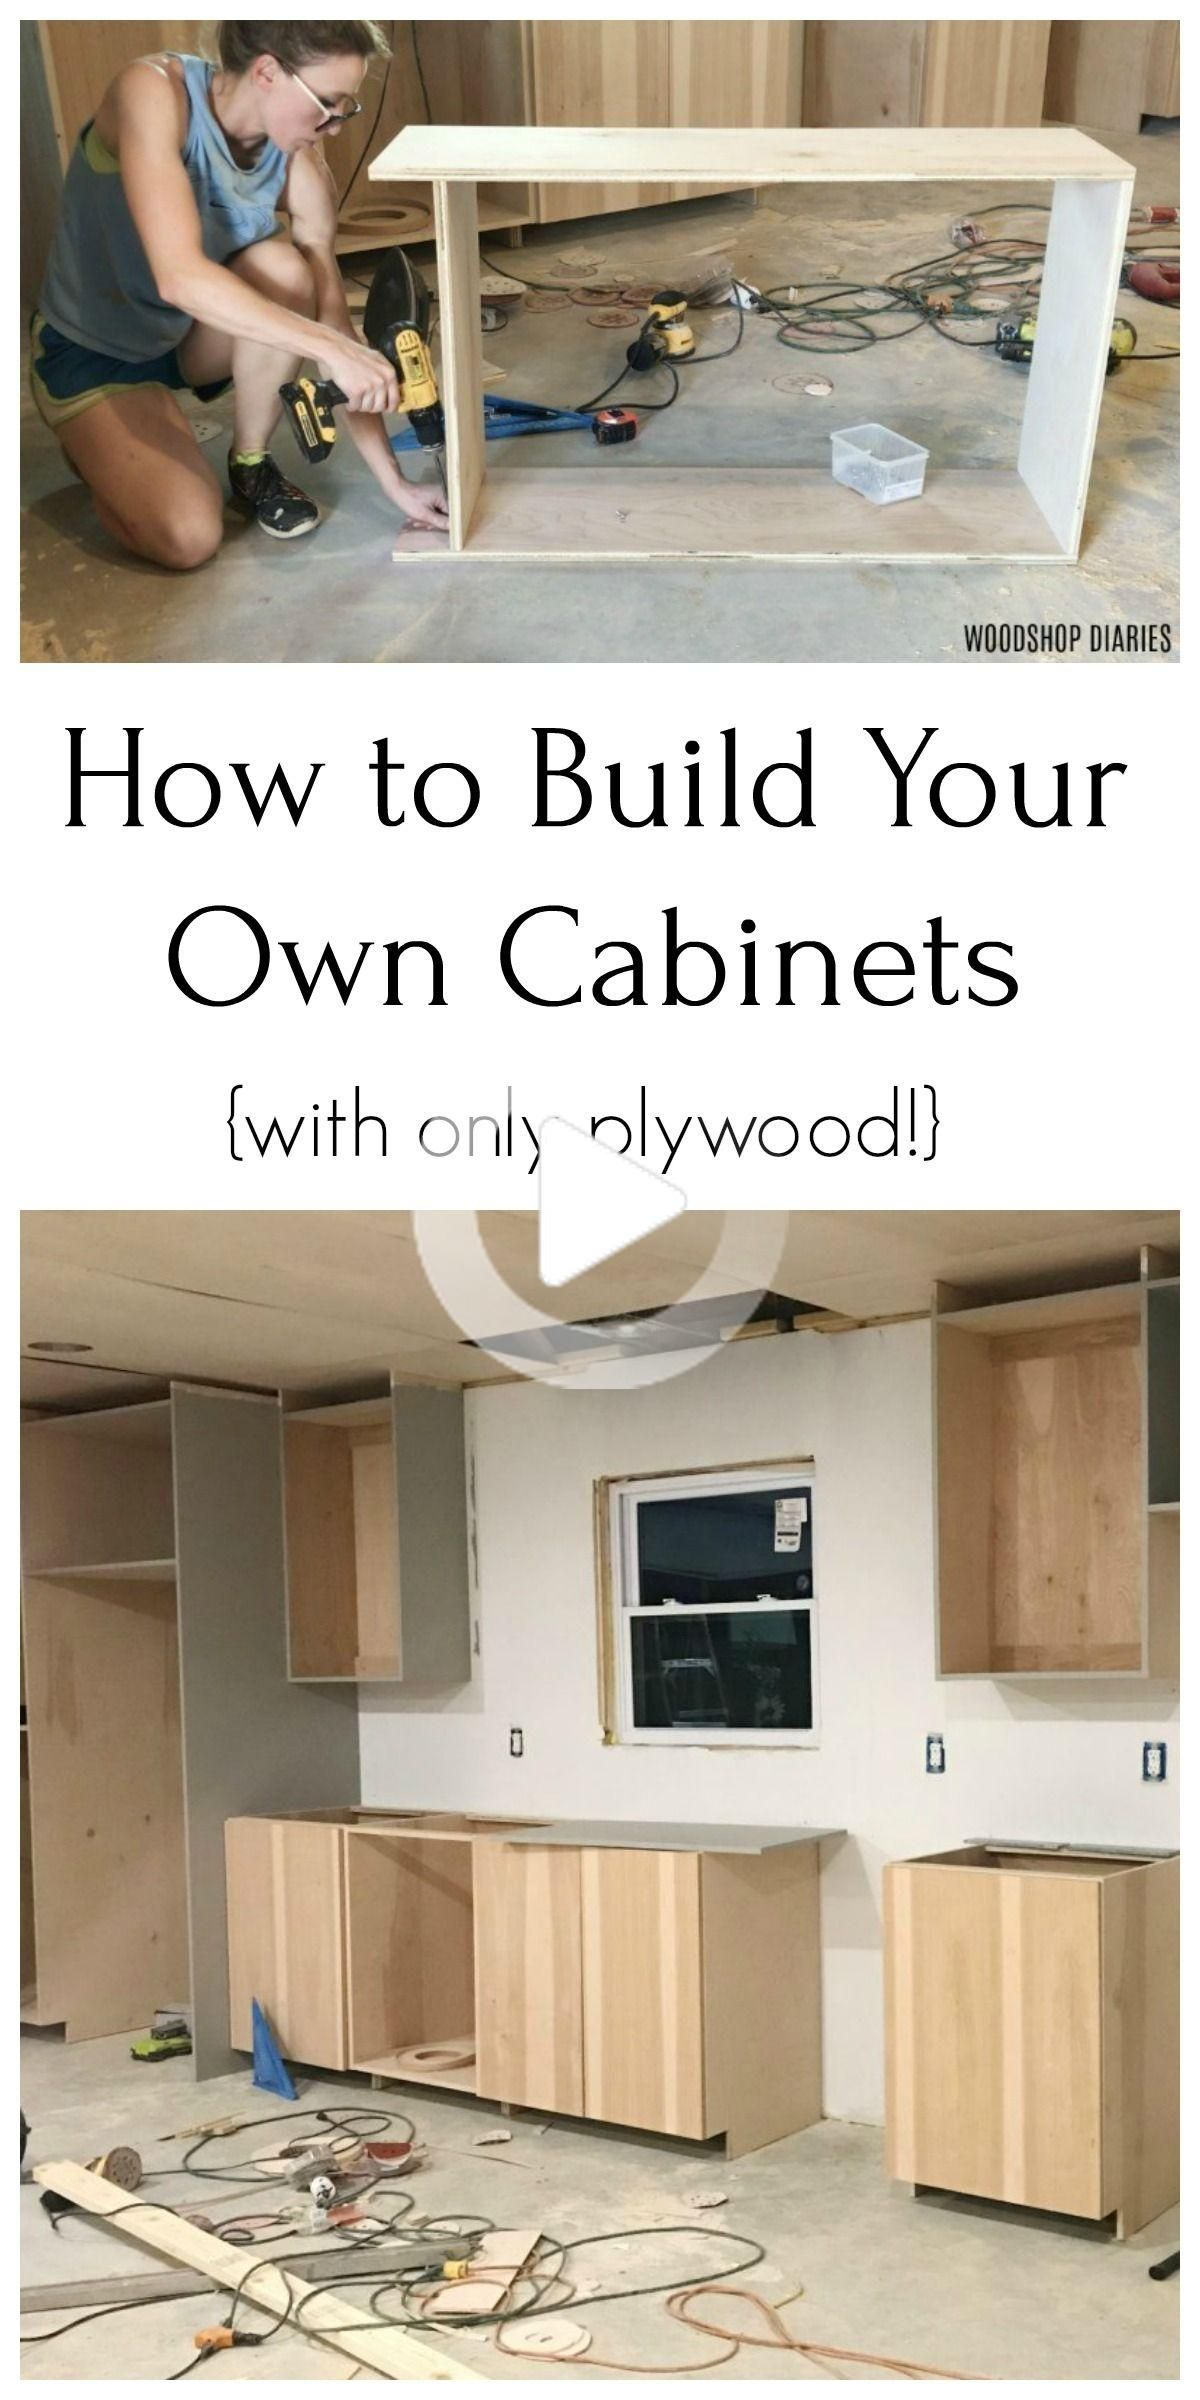 Bricolaje Muebles De Cocina Elaborados Unicamente A Partir De Madera Contrachapada In 2020 Building Kitchen Cabinets Diy Kitchen Cabinets Build Diy Kitchen